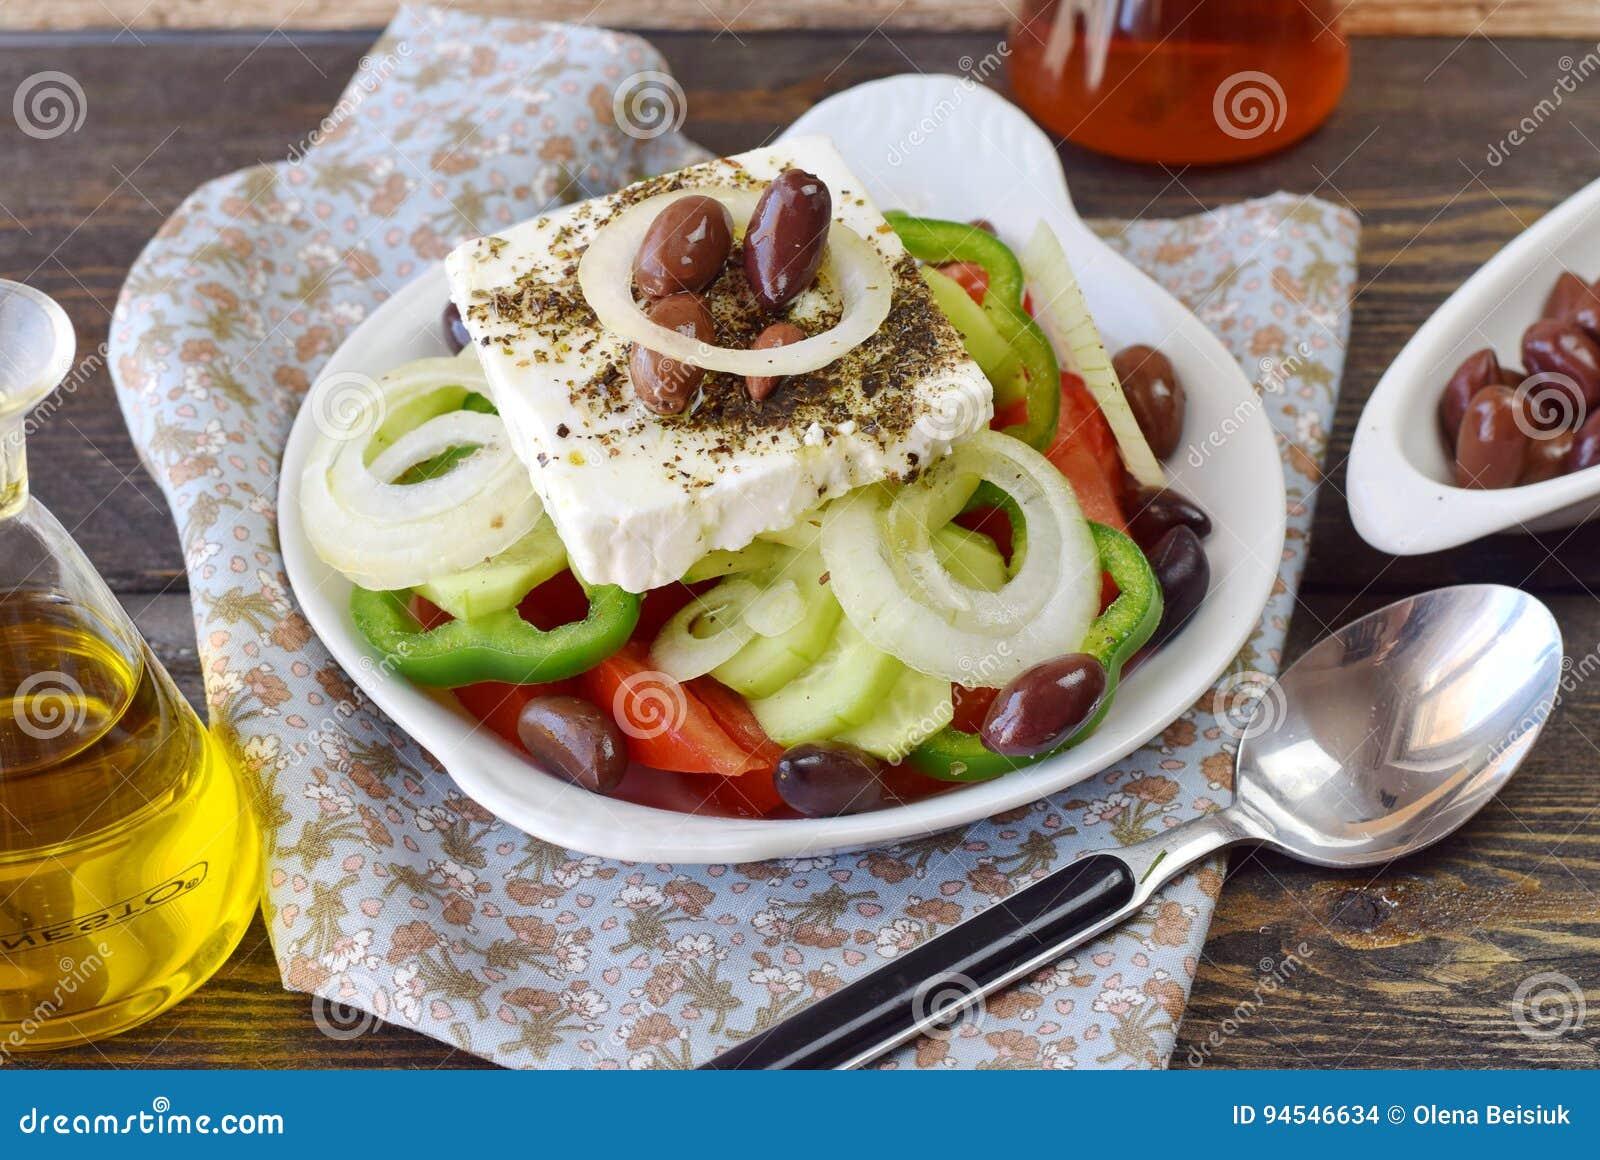 Griechischer salat mit olivenol